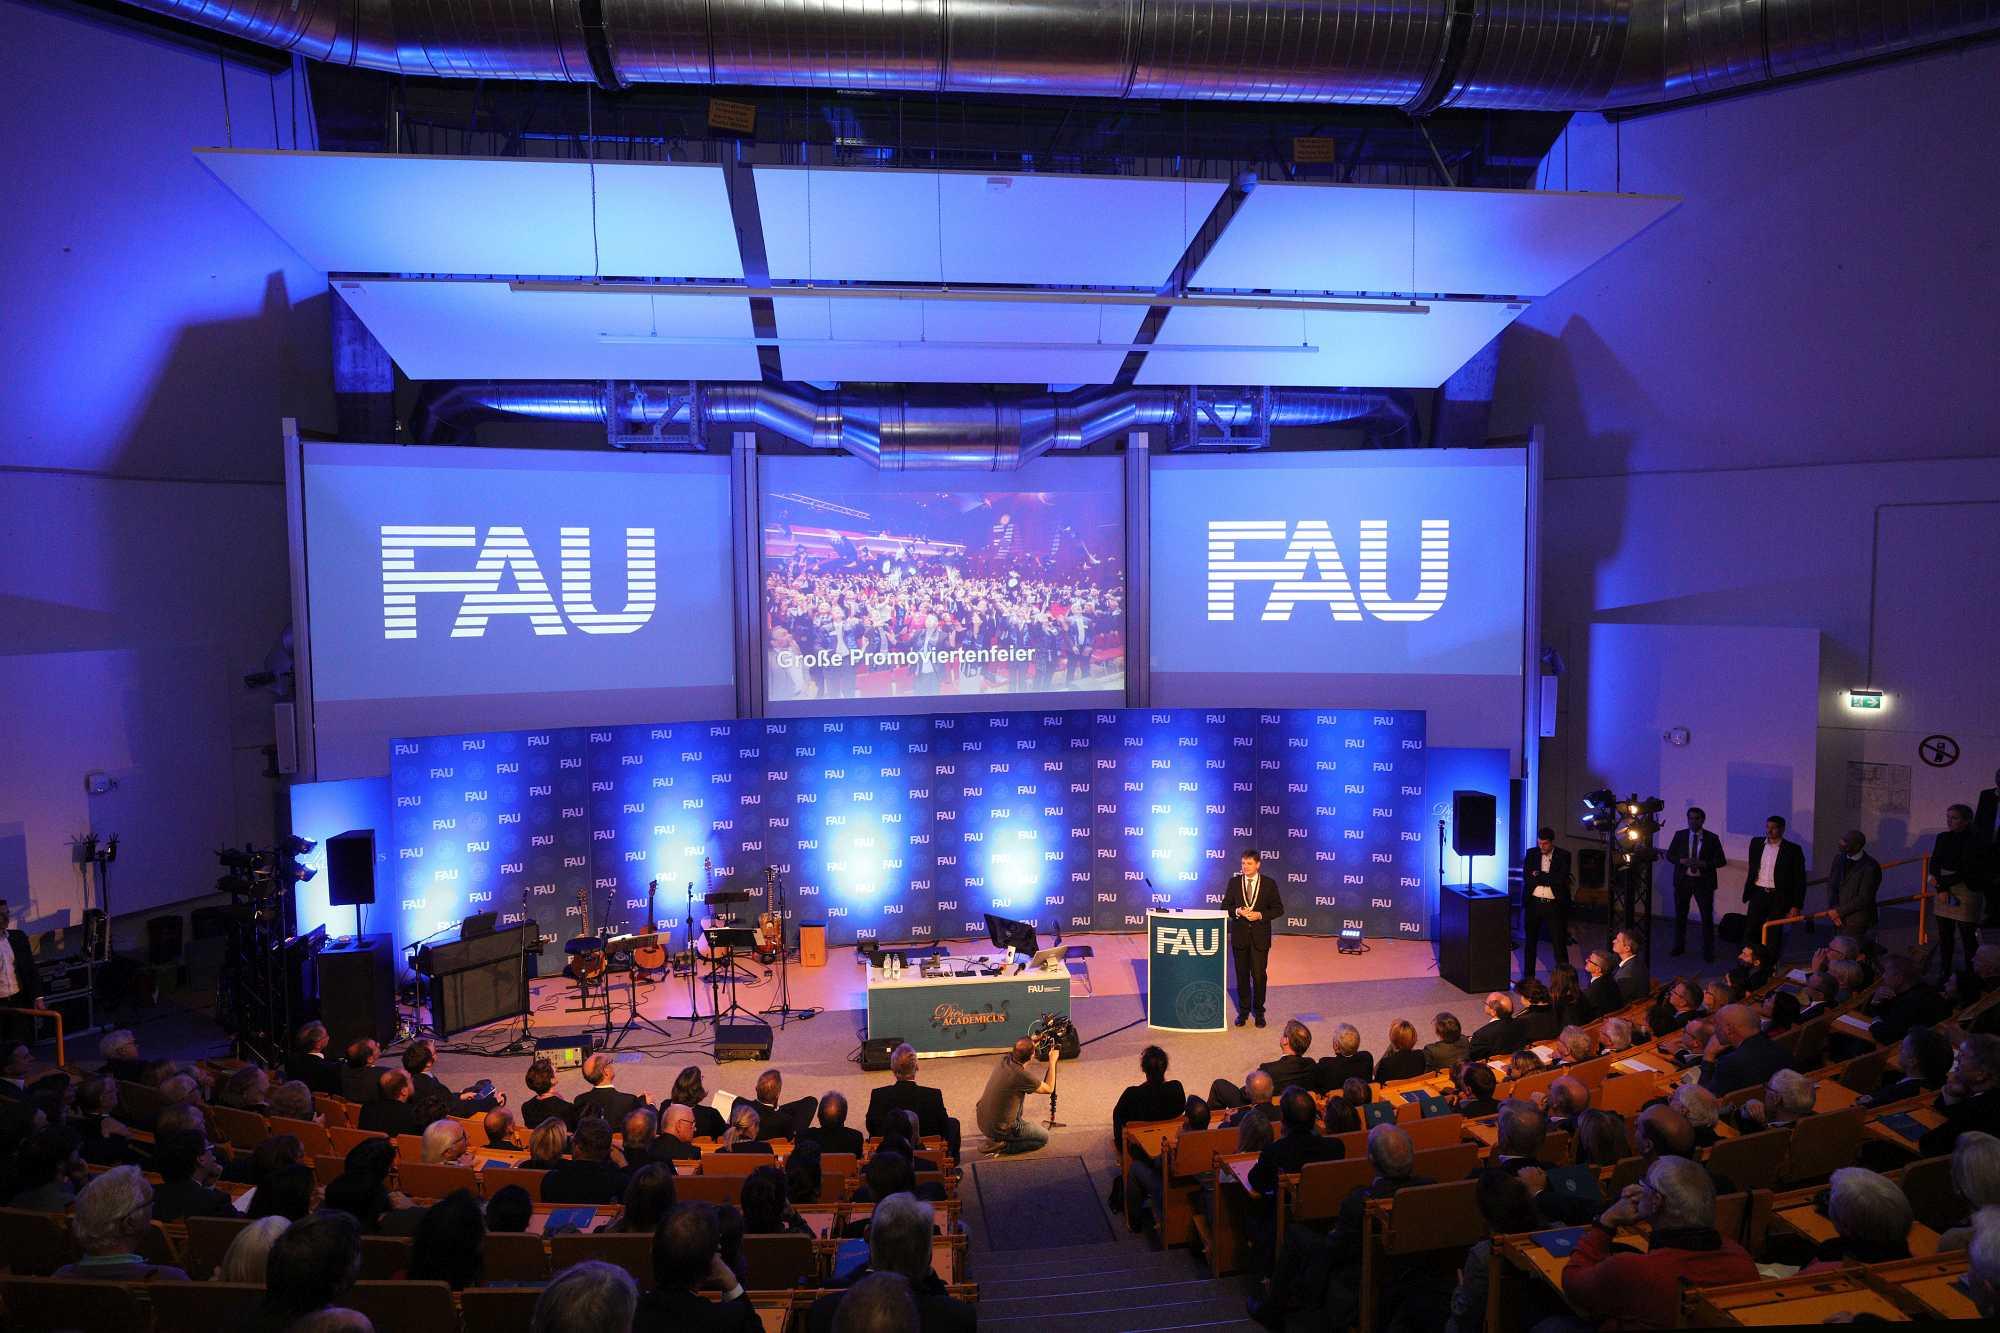 Publikum und Bühne